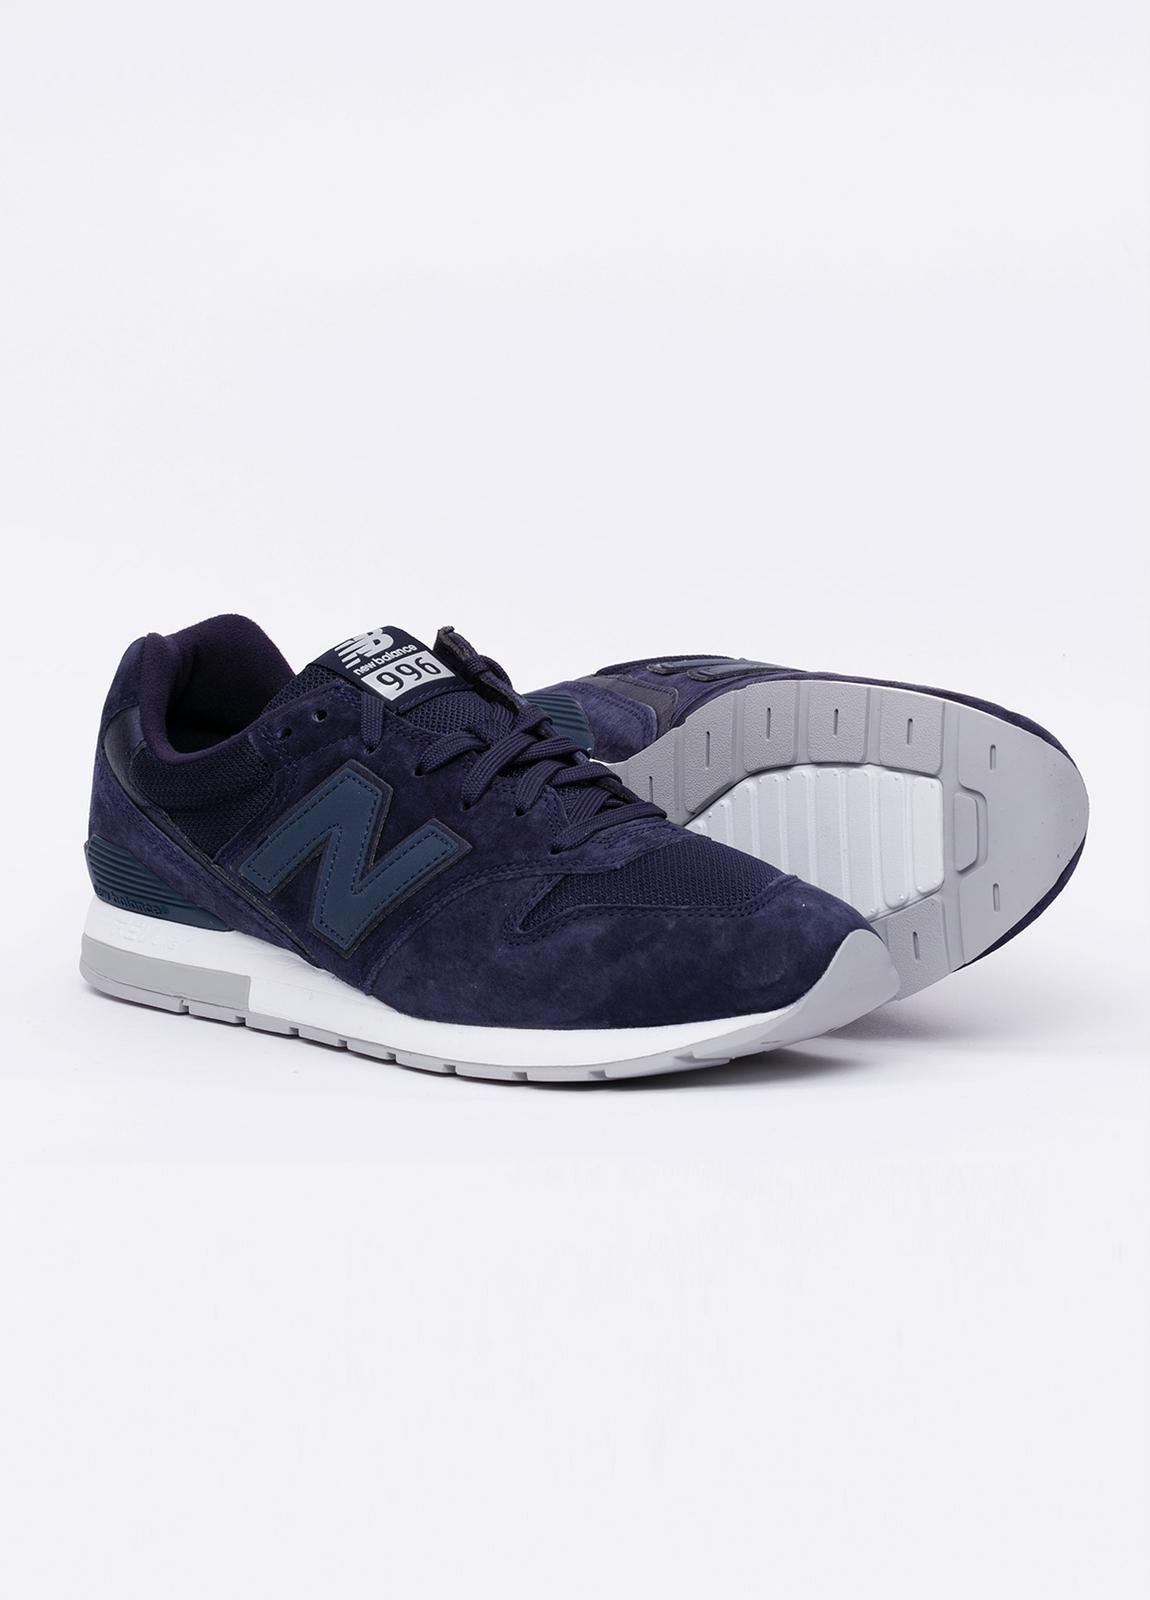 Sneaker MRL996 color azul marino. Combinación de serraje, tejido técnico y detalles en piel. - Ítem1